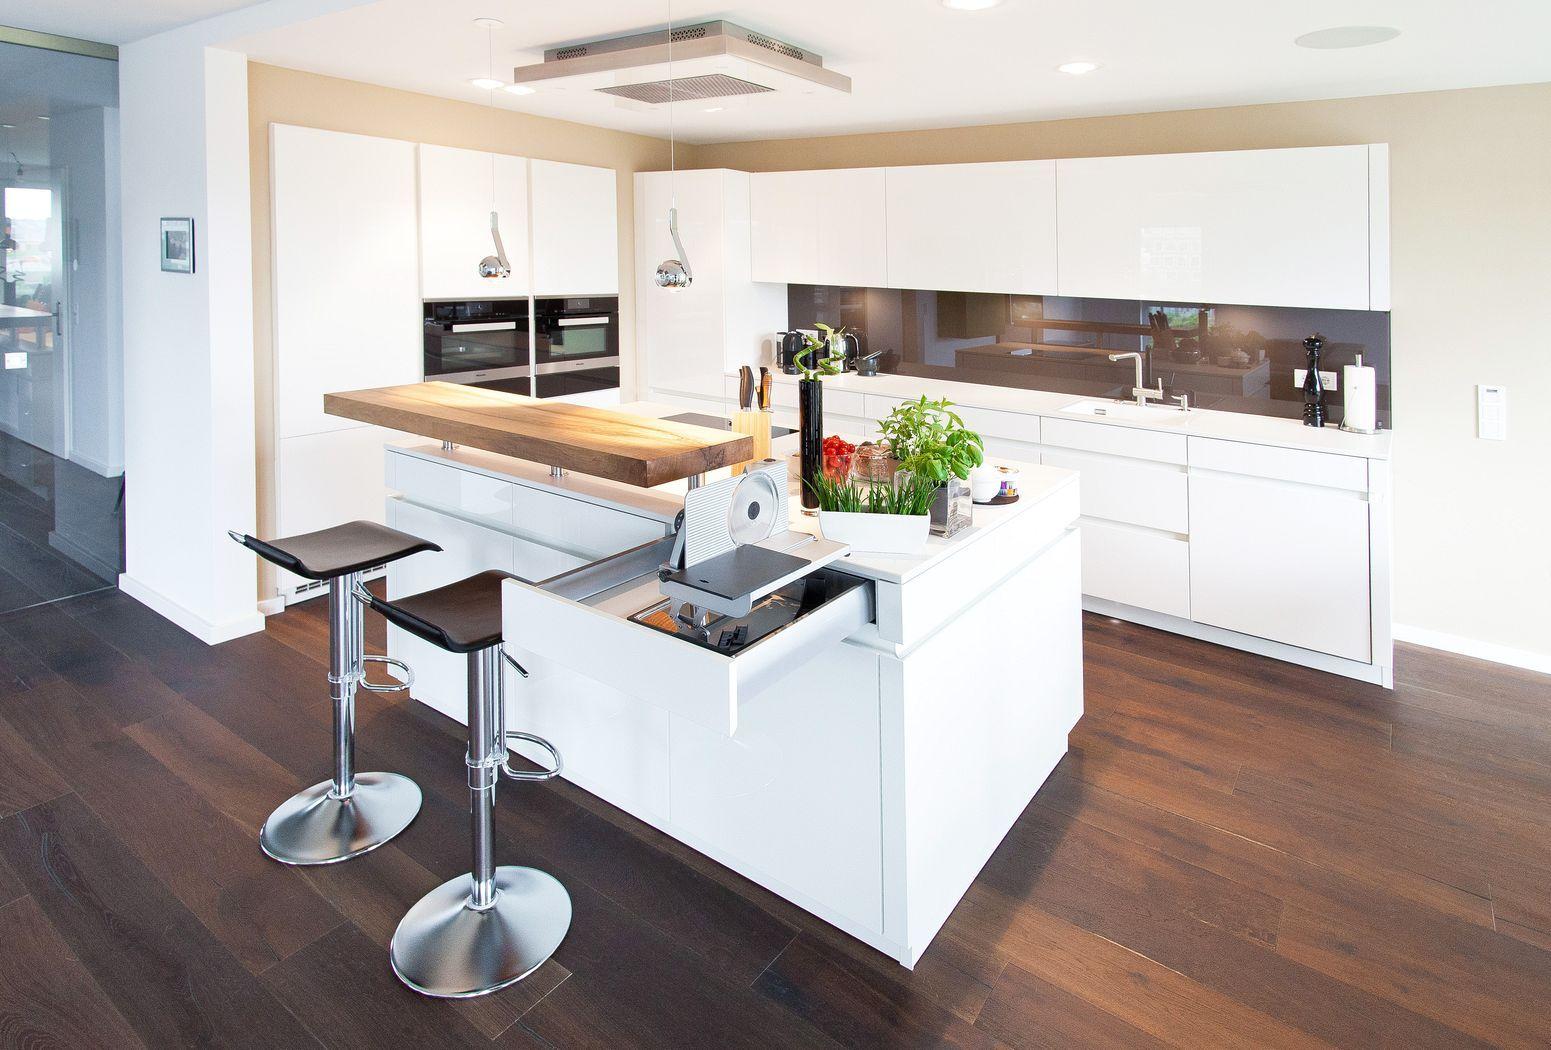 Full Size of Ikea Kche Kochinsel Google Suche Kchen Design Betten 160x200 Miniküche Bei Sofa Mit Schlaffunktion Modulküche Küche Kosten Kaufen Wohnzimmer Ikea Küchentheke